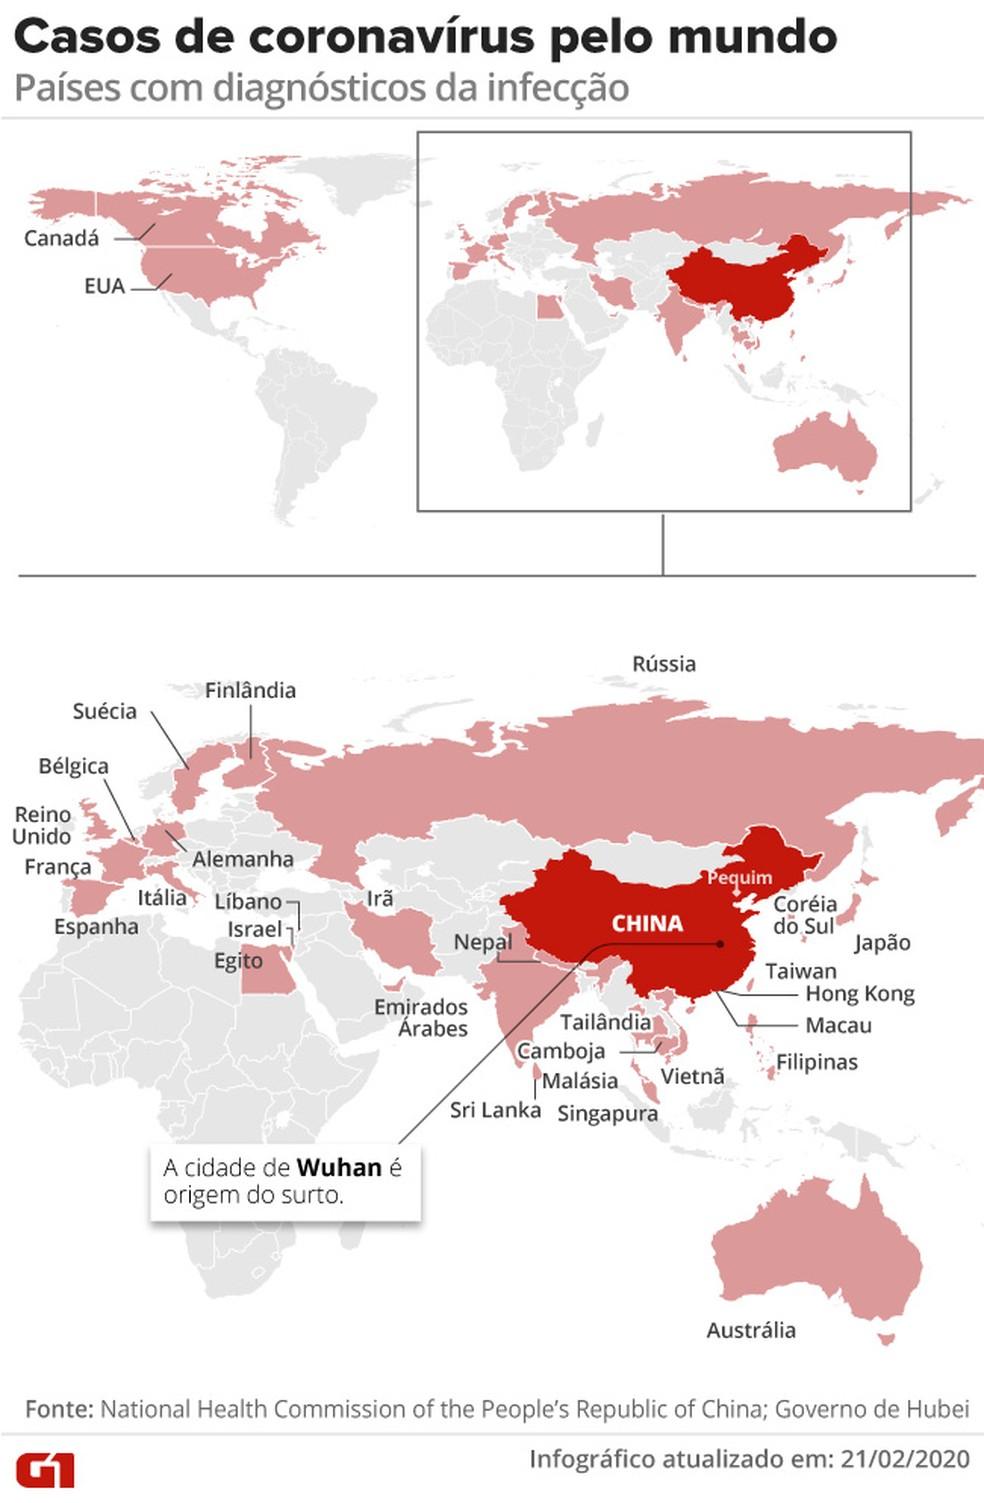 Casos de coronavírus pelo mundo até a sexta-feira, 21 de fevereiro — Foto: Arte/G1